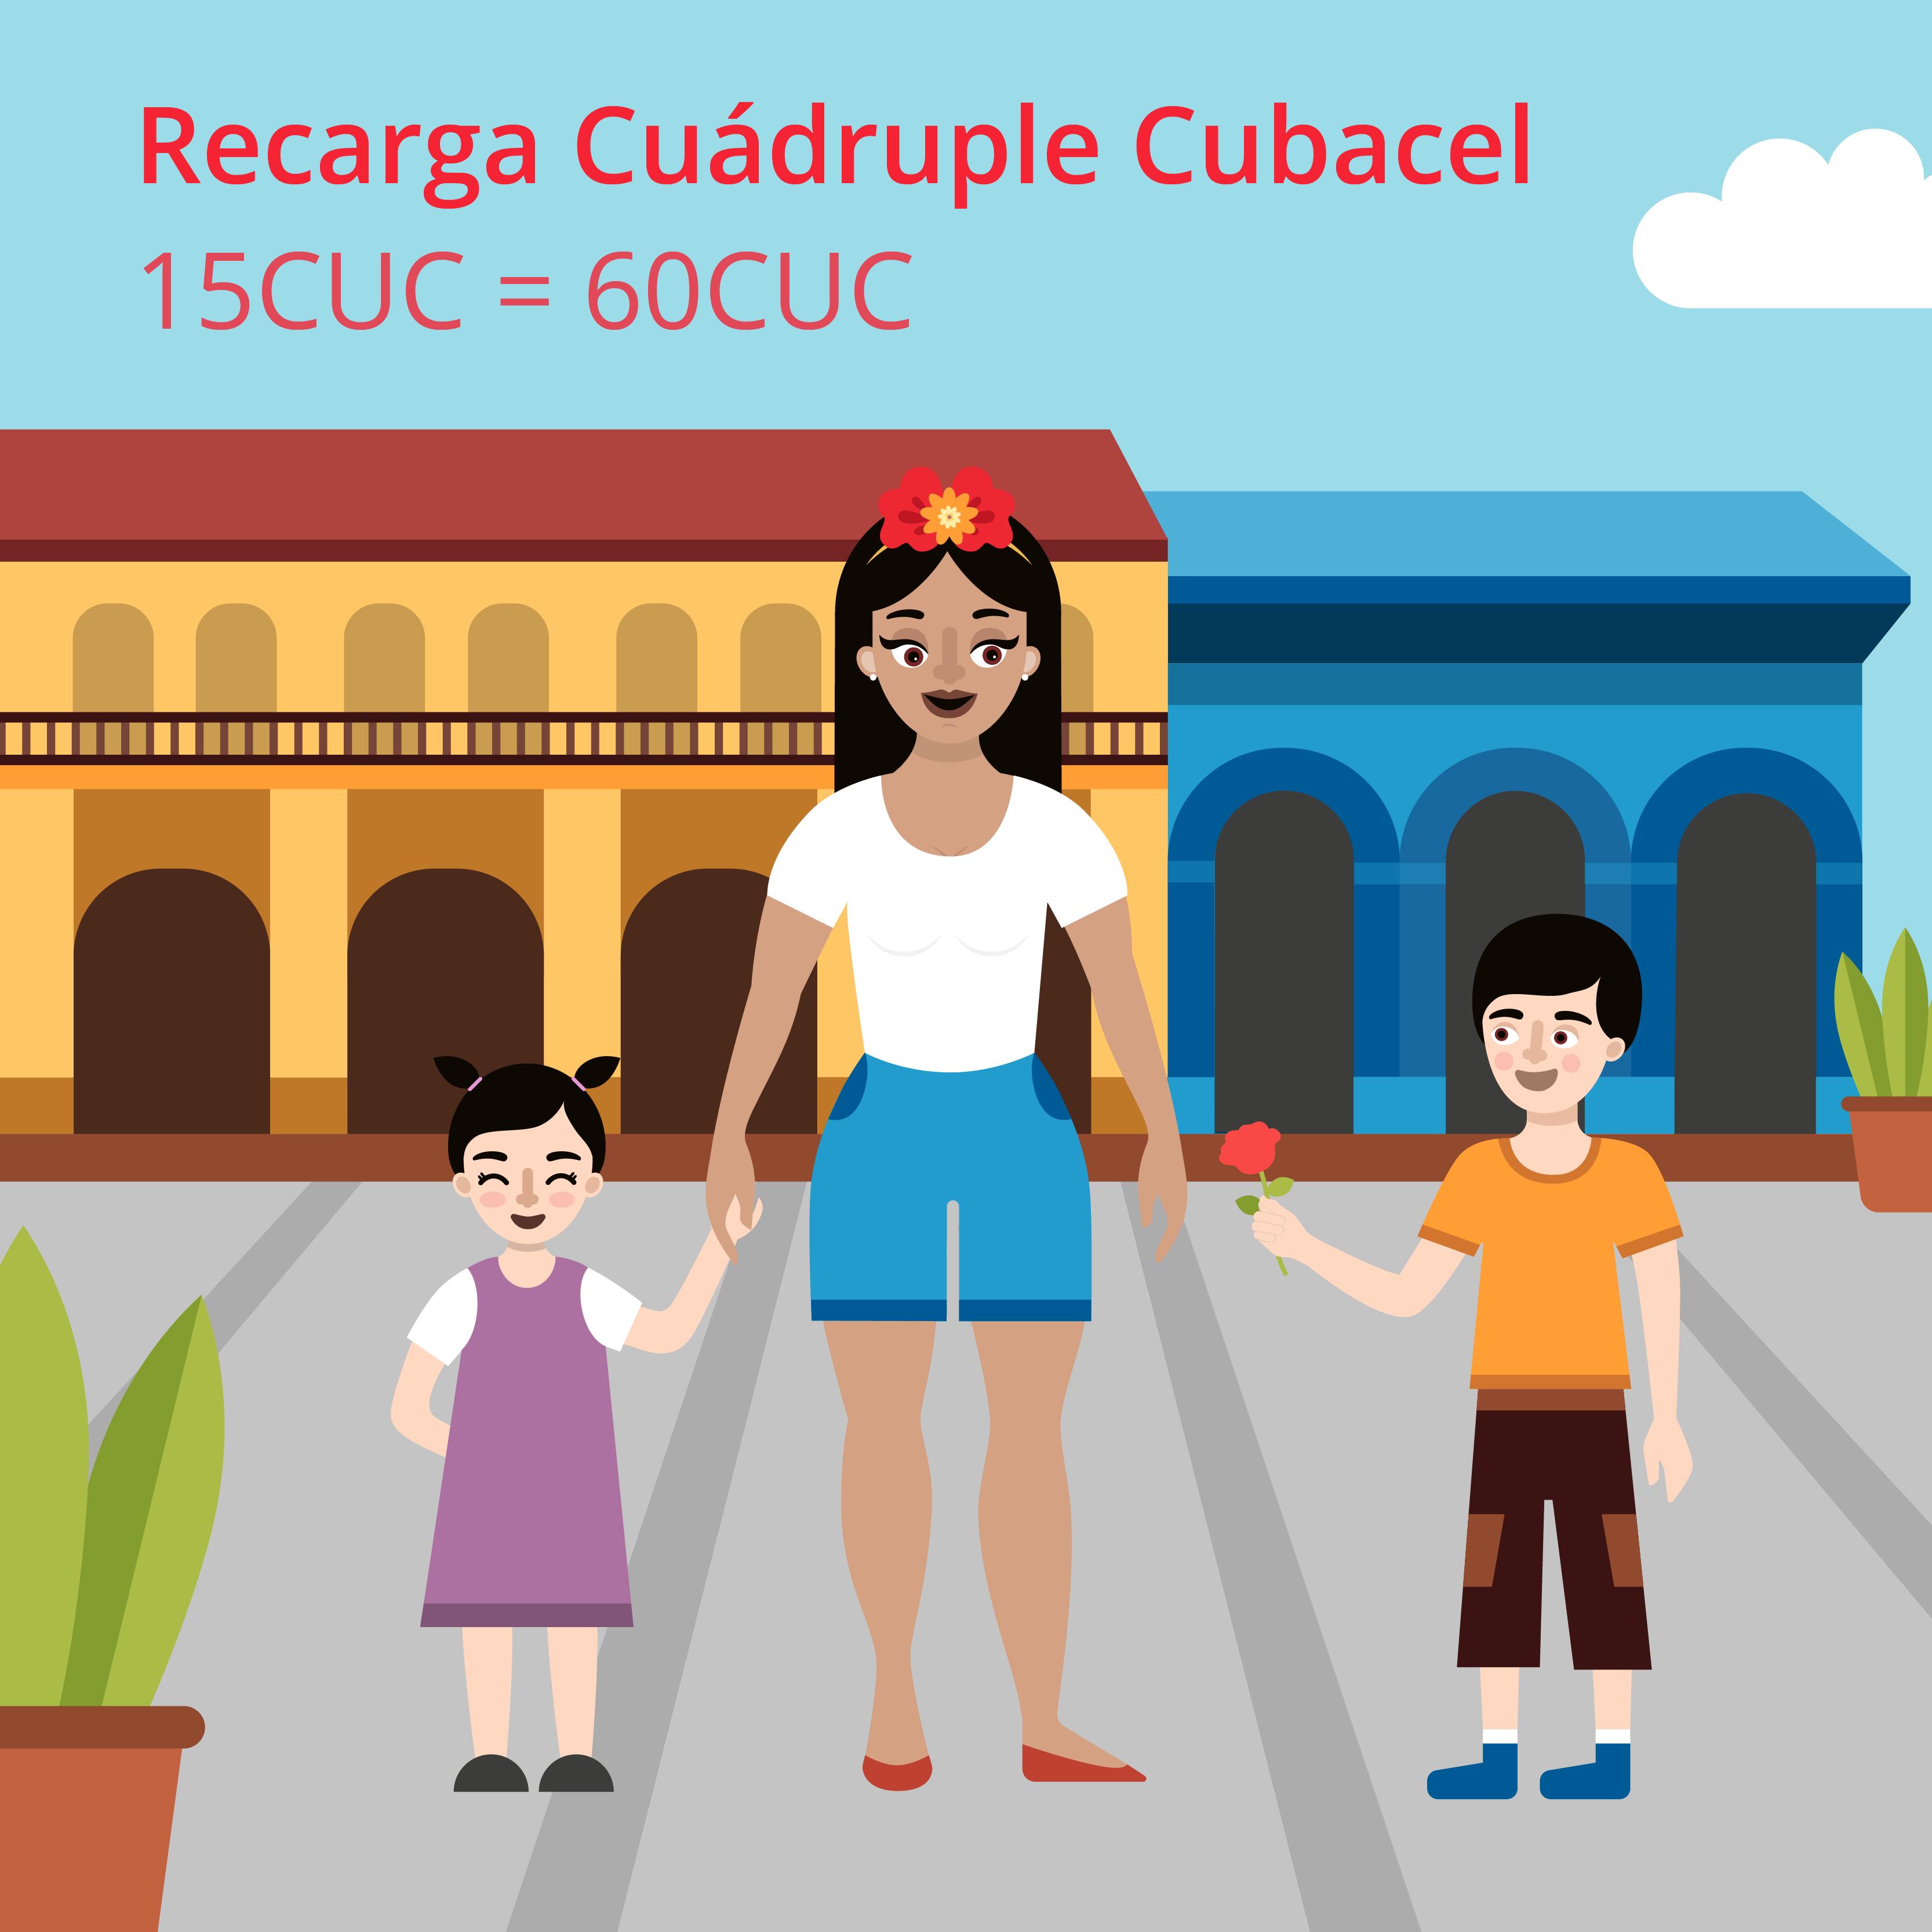 Recarga Cuádruple Cubacel